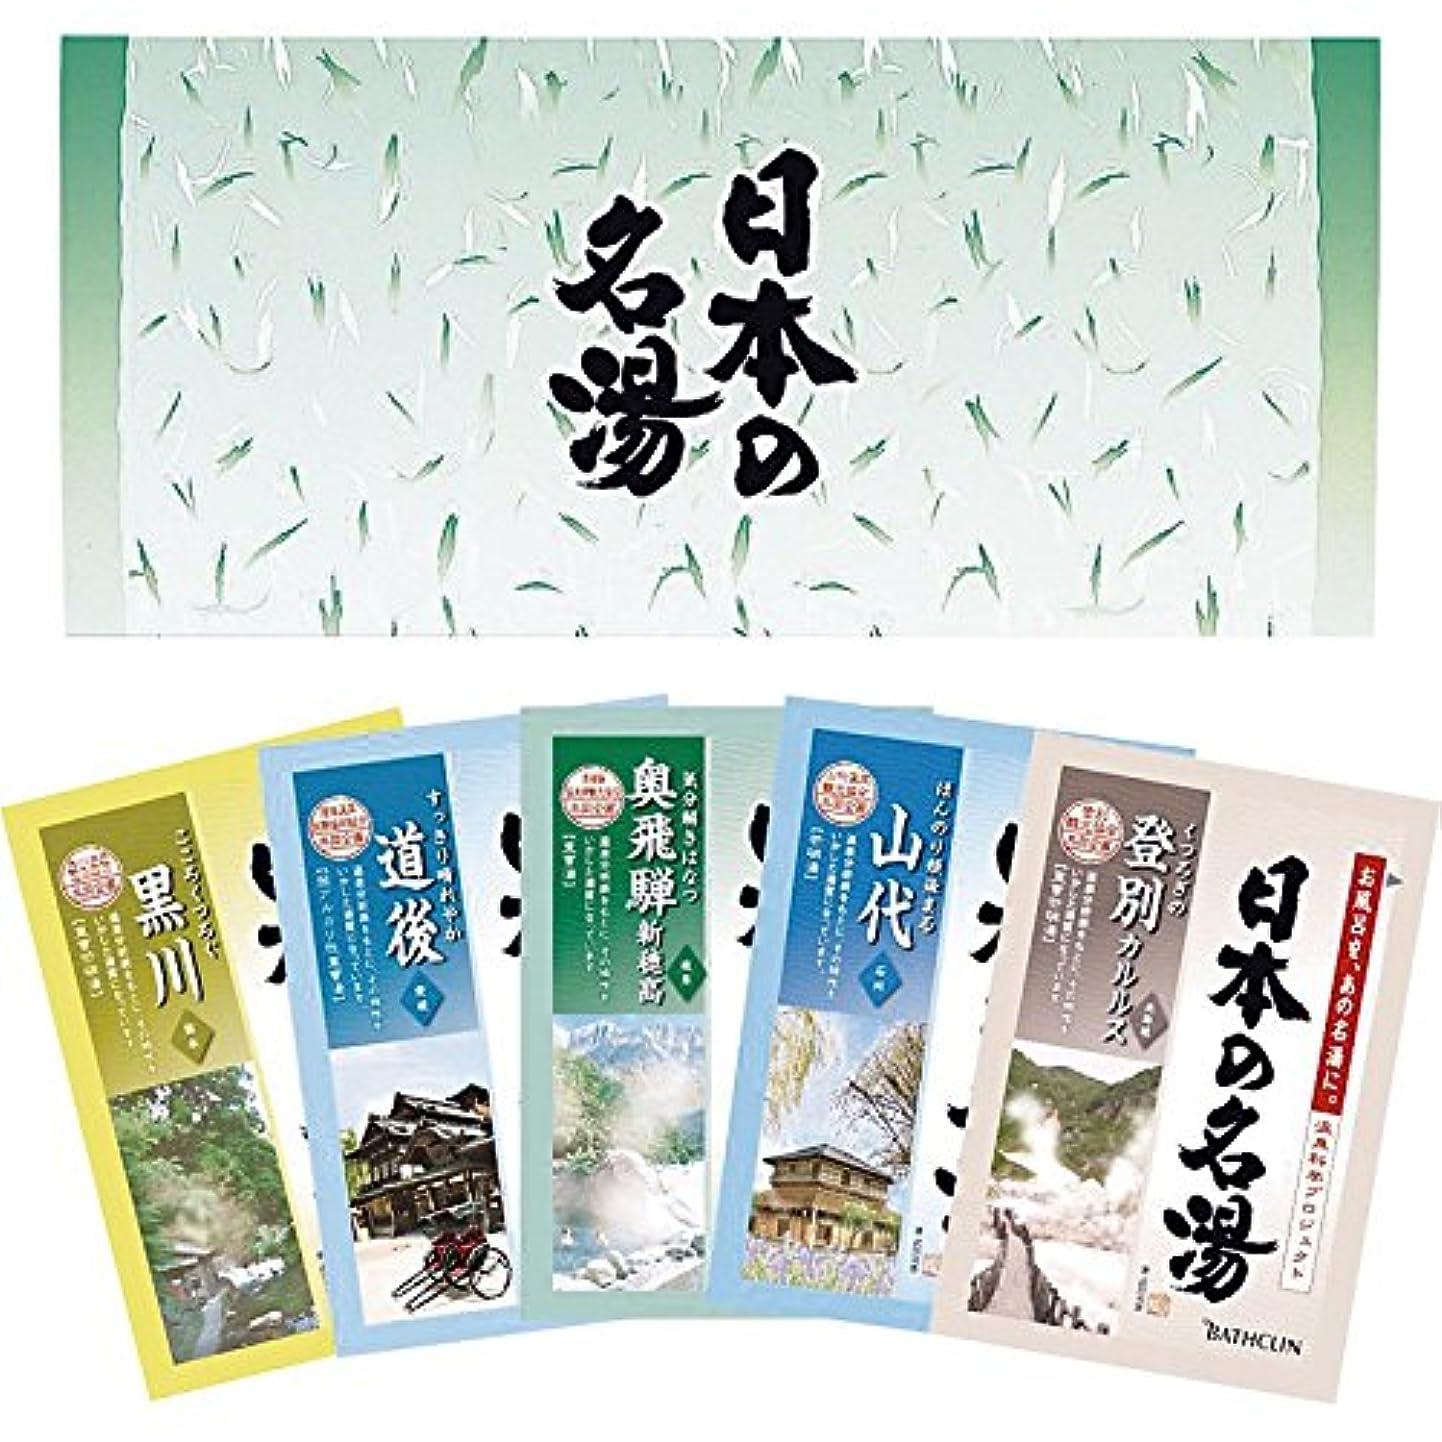 白内障家禽交通渋滞バスクリン 日本の名湯 5包セット OT-3D 【洗面所 入浴剤 温泉 薬用 5袋 リラックス おふろ バスグッズ】